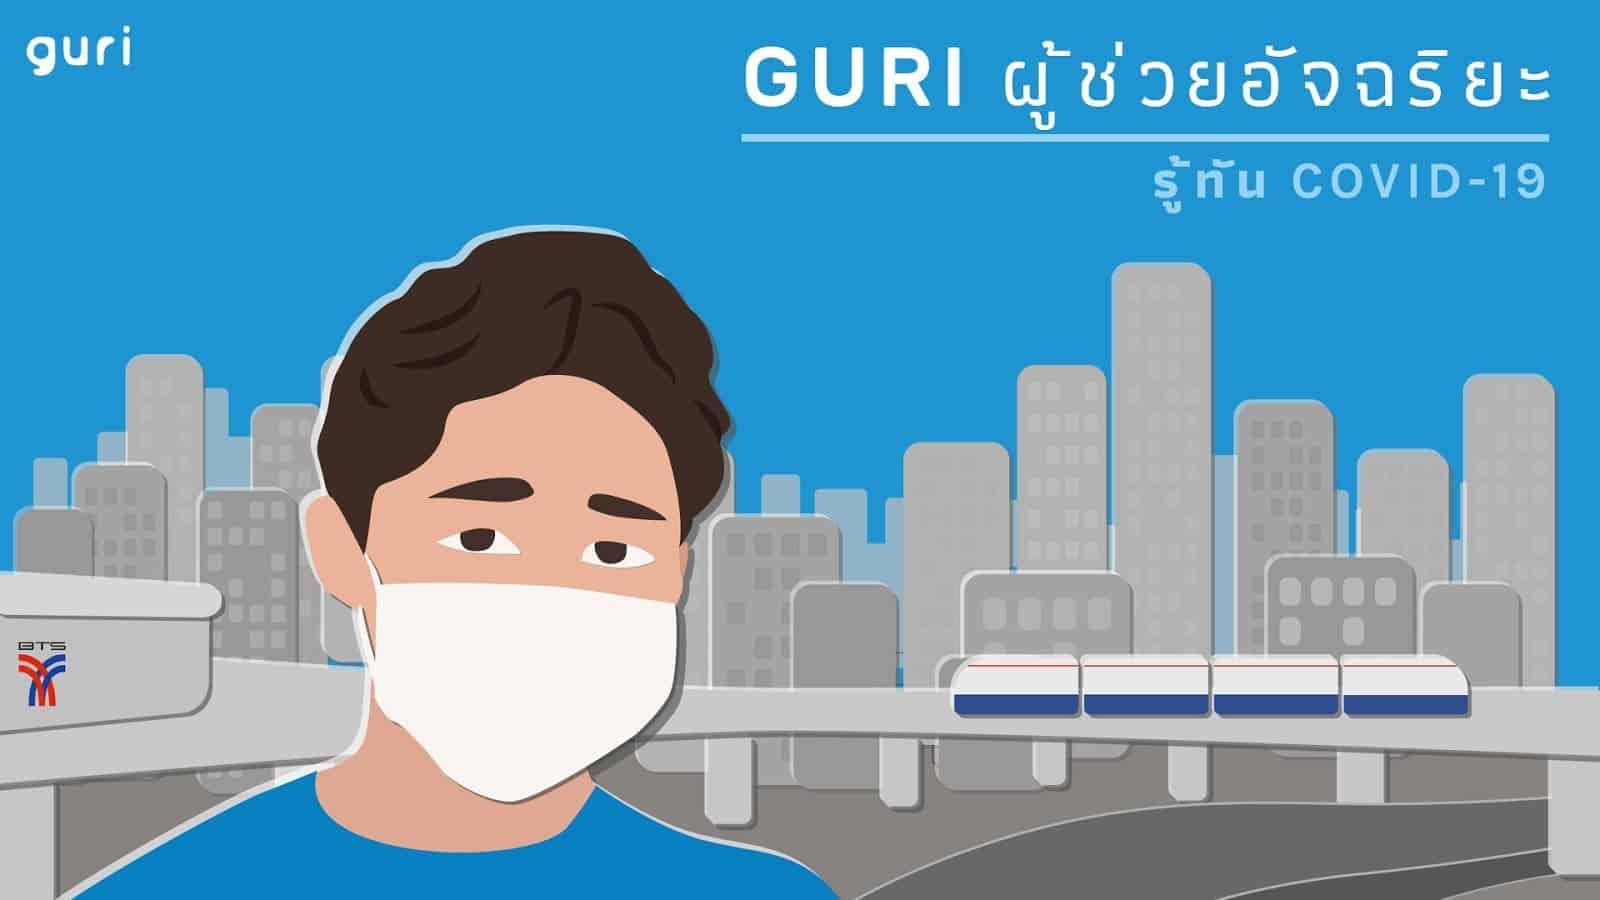 รู้ทัน COVID-19 ด้วย 'GURI' ผู้ช่วยอัจฉริยะ ใช้ง่าย ได้ข้อมูลครบ